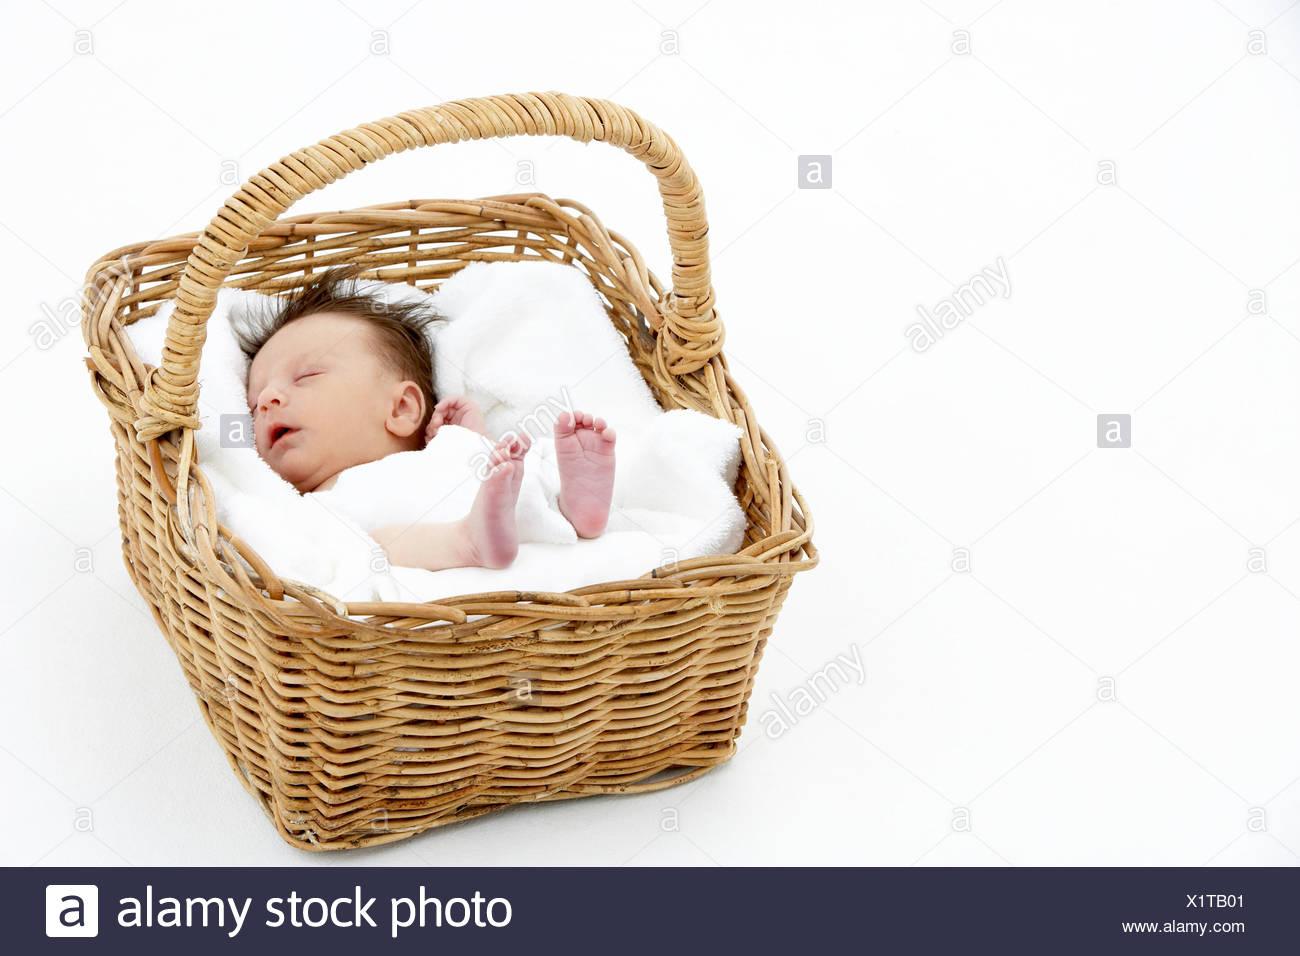 Canasta Para Bebe Recien Nacido.Bebe Recien Nacido Duerme En La Cesta Foto Imagen De Stock